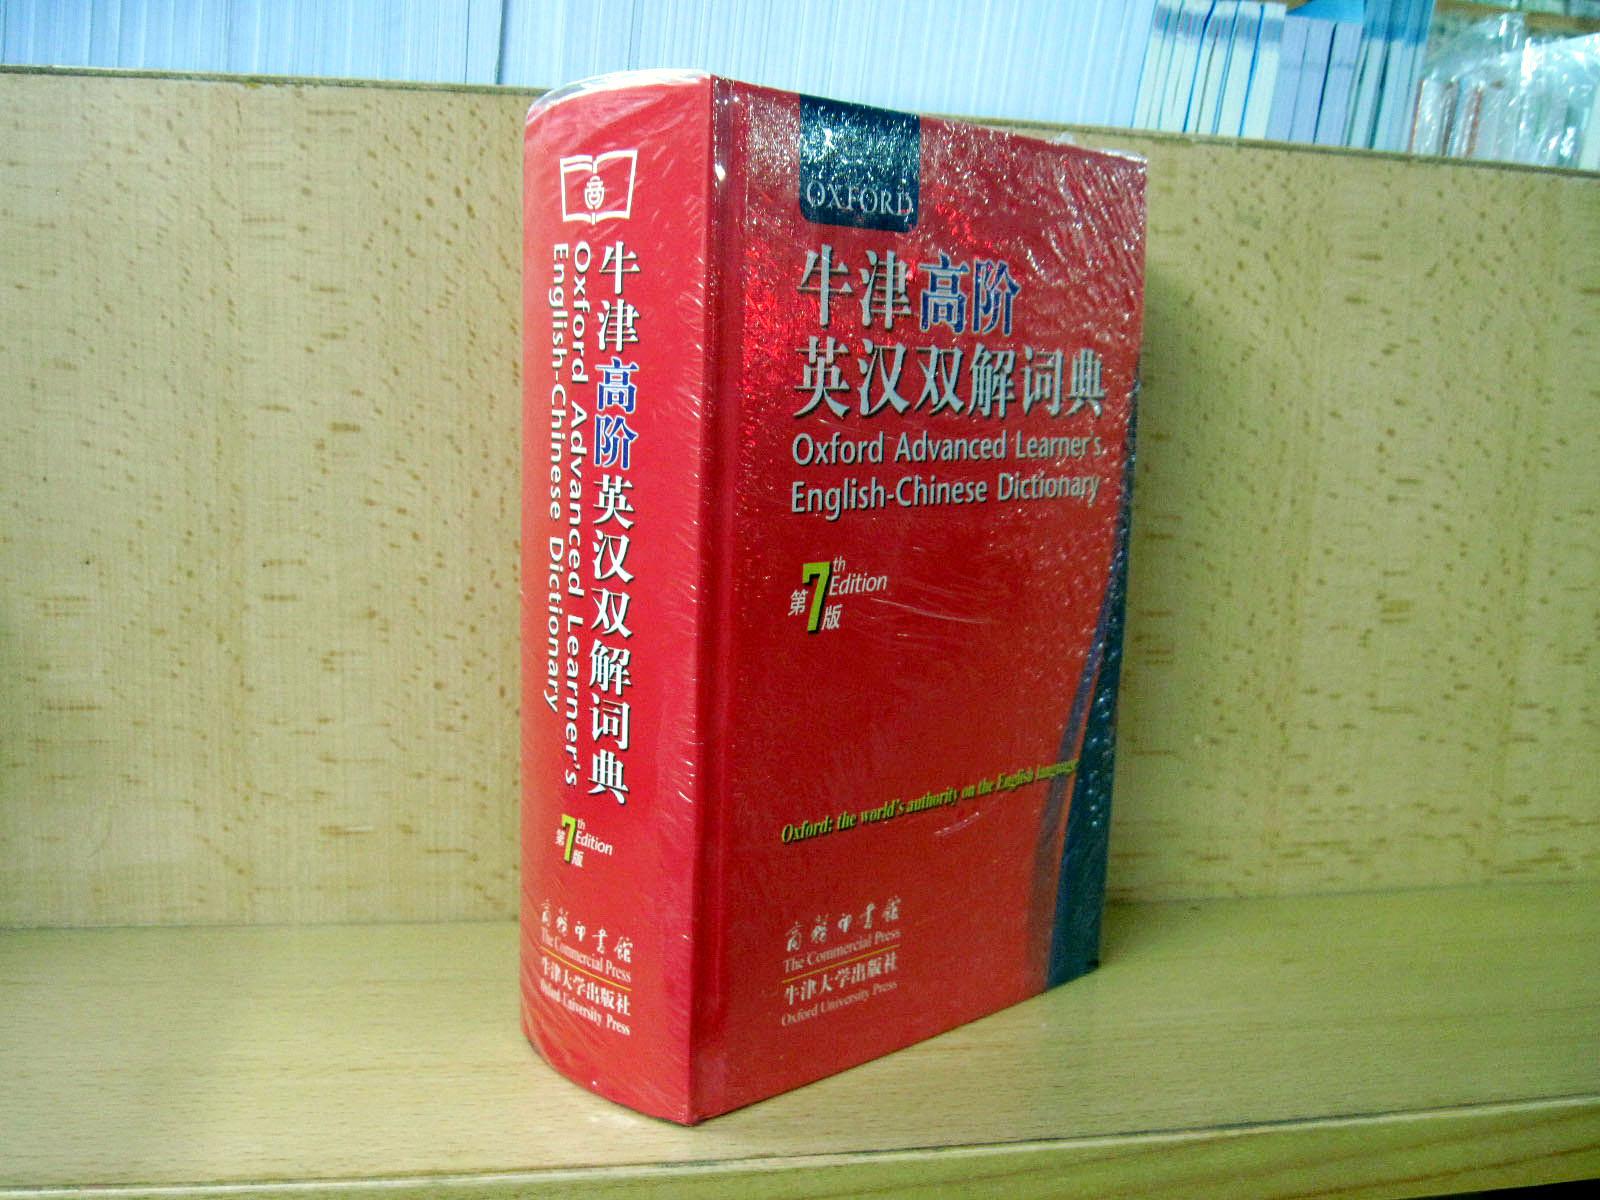 牛津高阶英汉�:)��(�X[_牛津高阶英汉双解词典第七版好些还是第八版好些